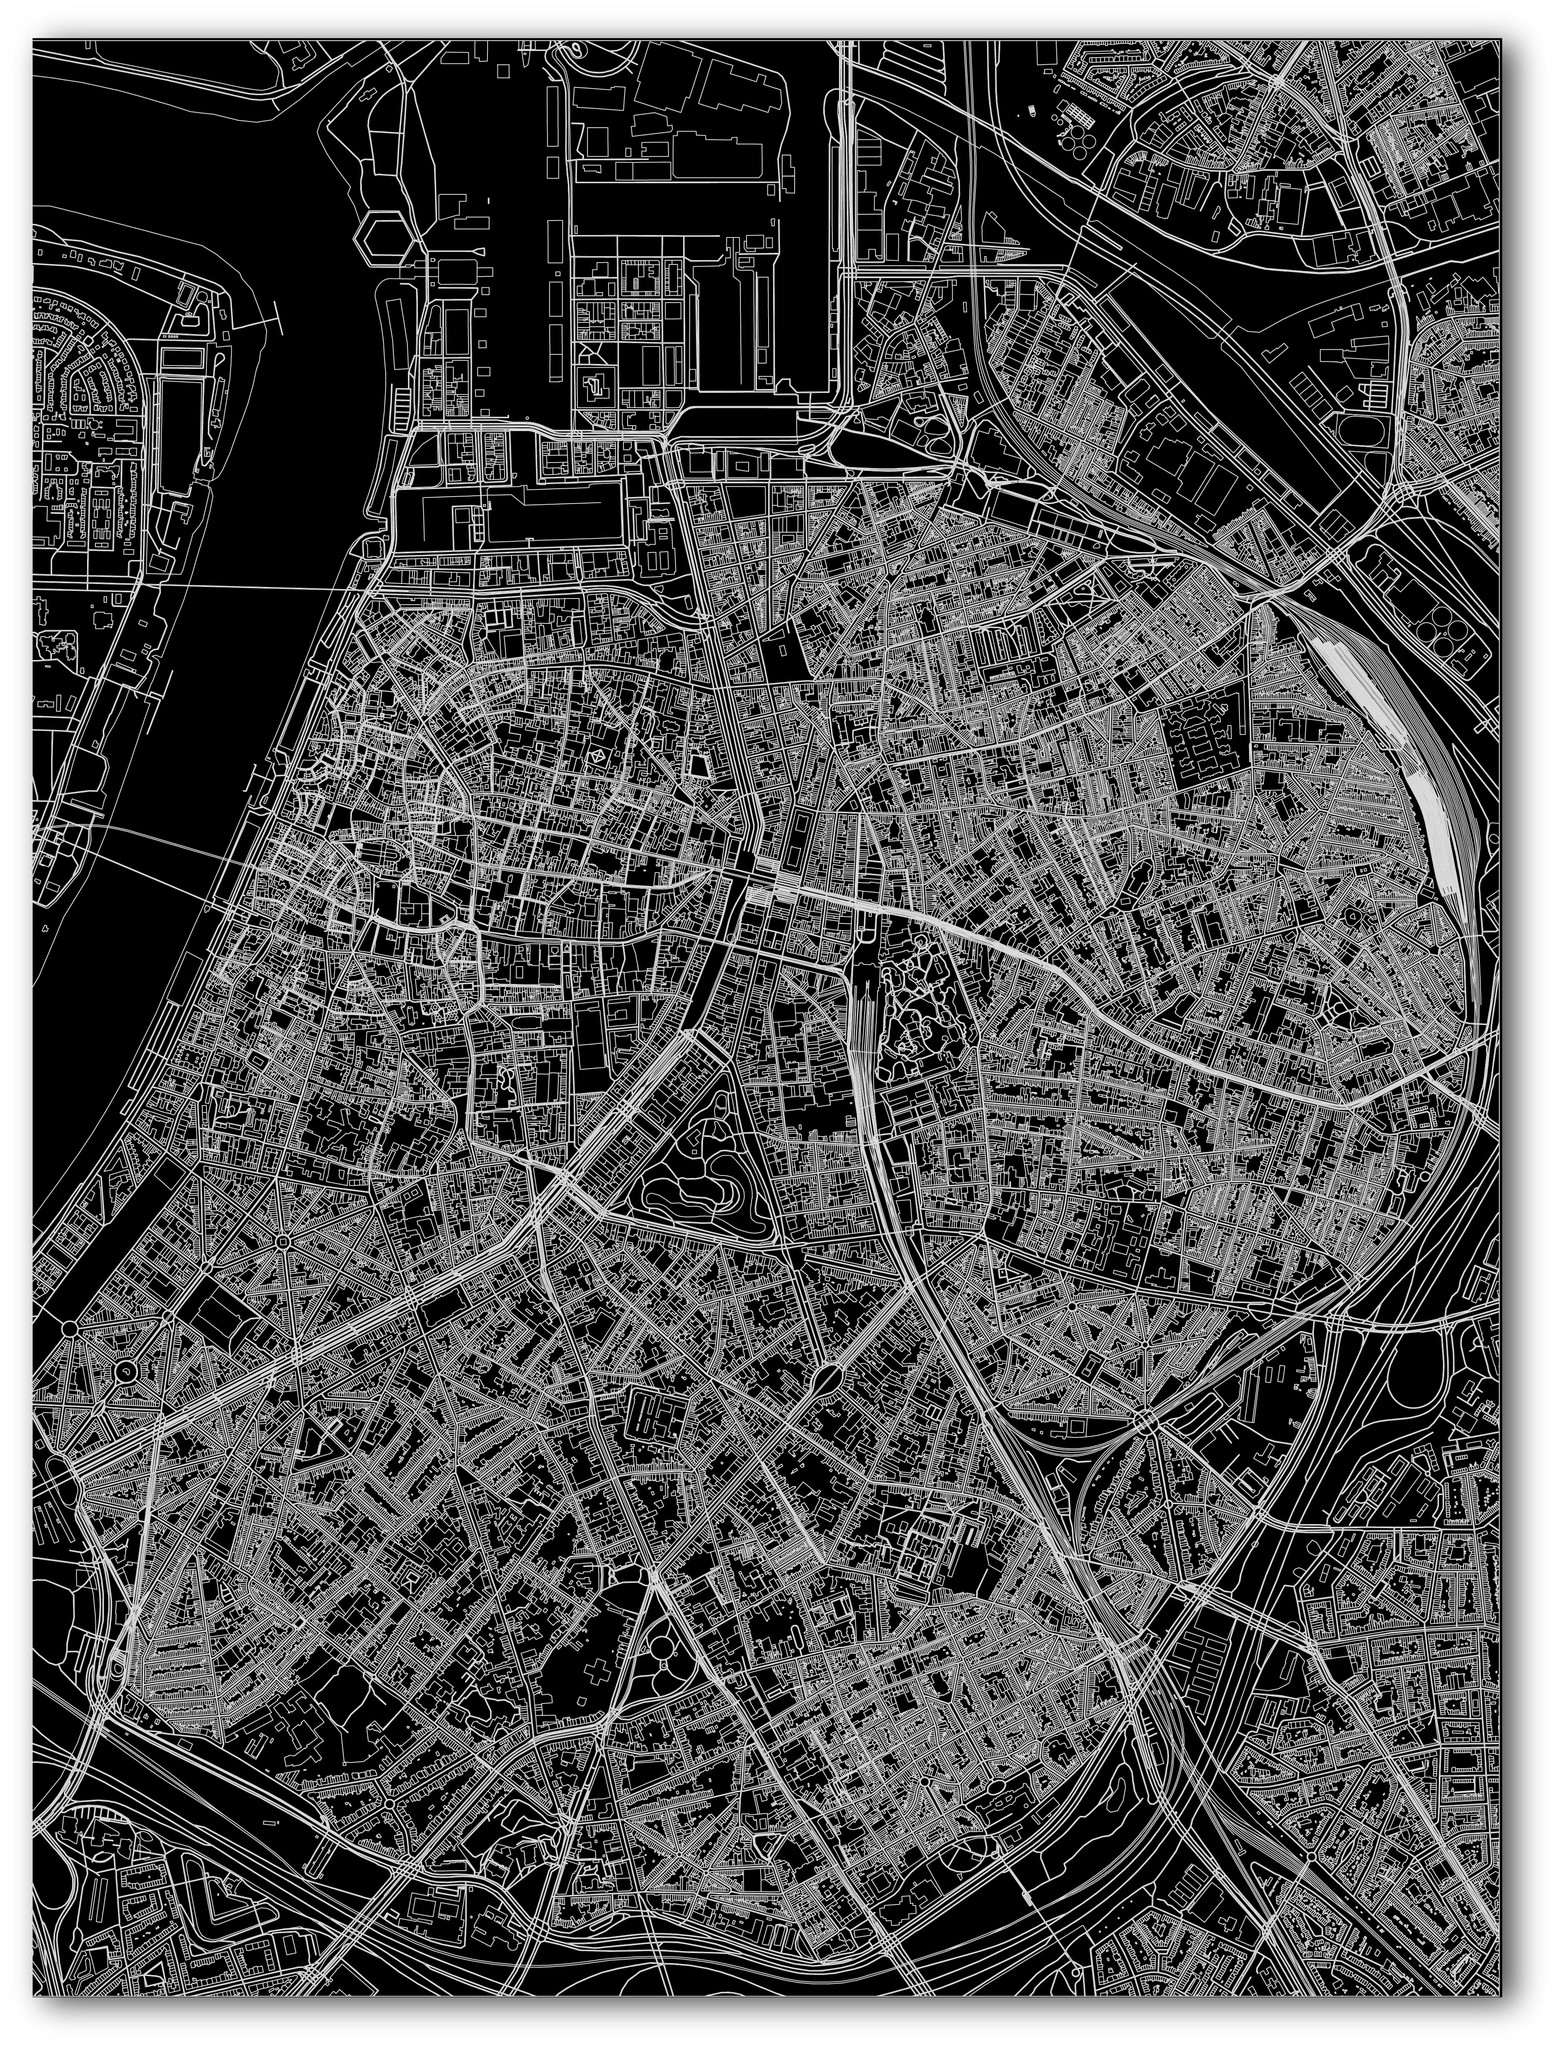 Citymap Antwerp | Aluminum wall decoration-3